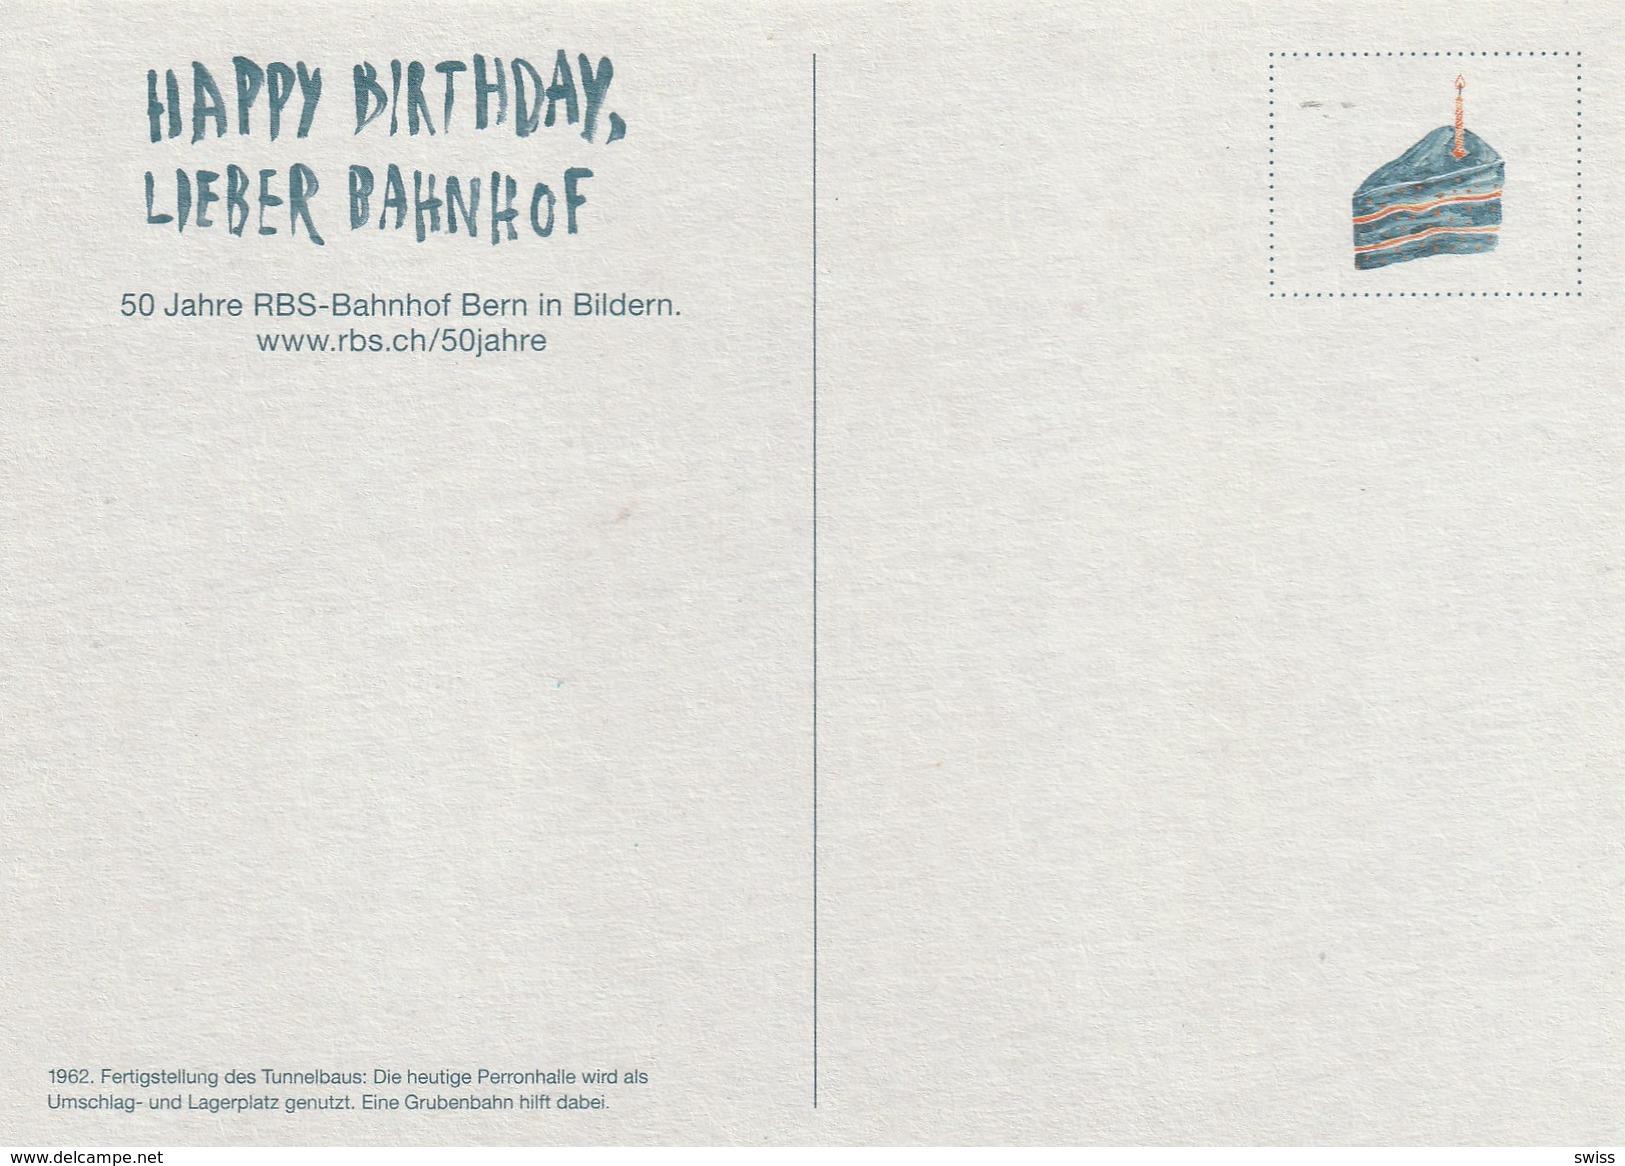 BERN, HAPPY BIRTHDAY LIEBER BAHNHOF TEKST HINTERSEITE - BE Bern